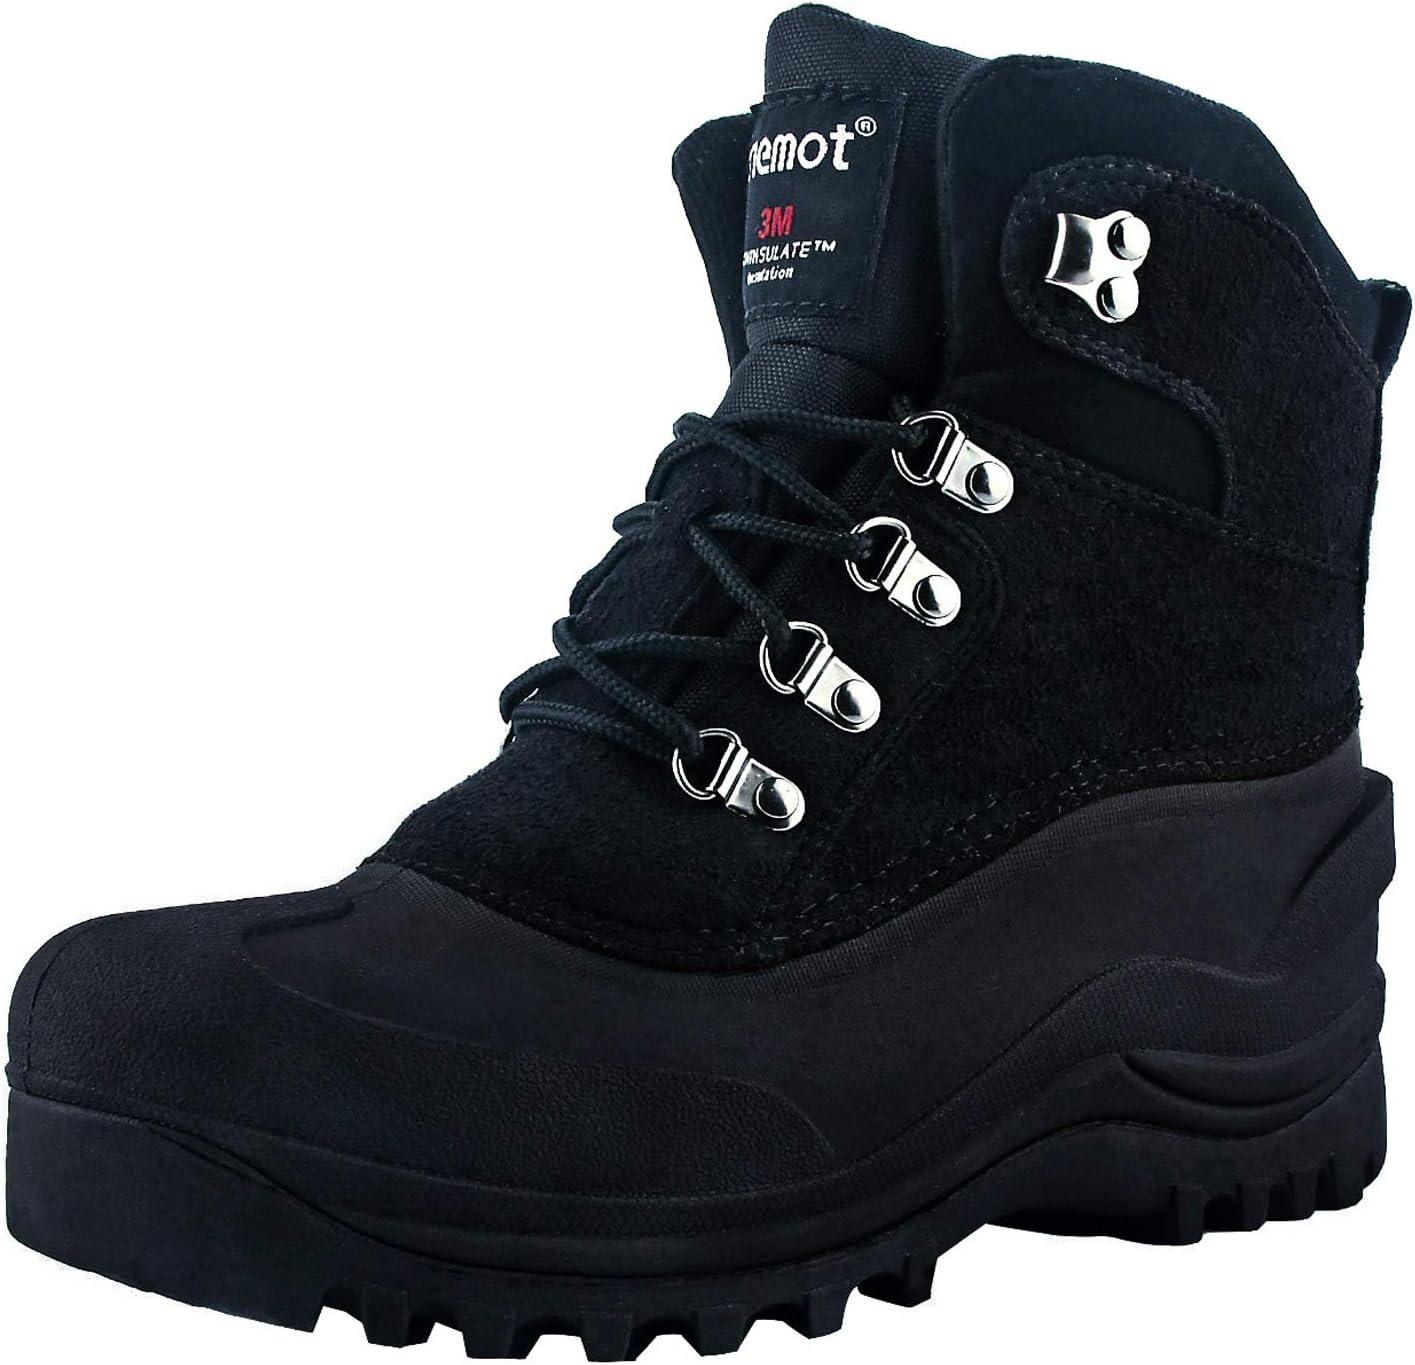 riemot 激安挑戦中 Men's Snow Boots Waterproof 即日出荷 Winter Hiking for Trek